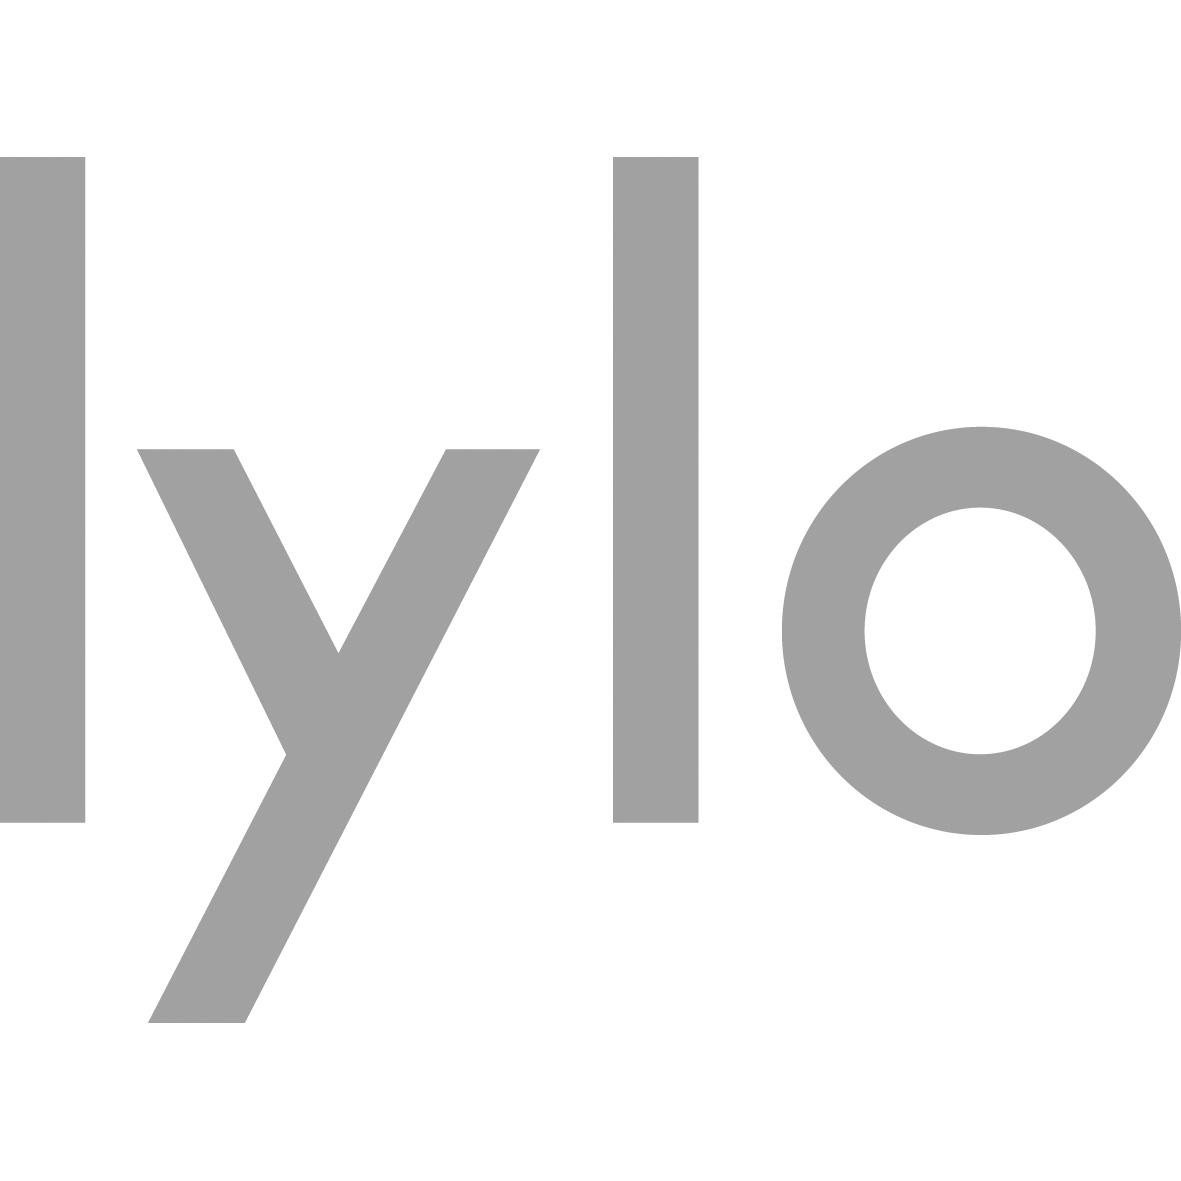 Logo%20lylo%20300dpi